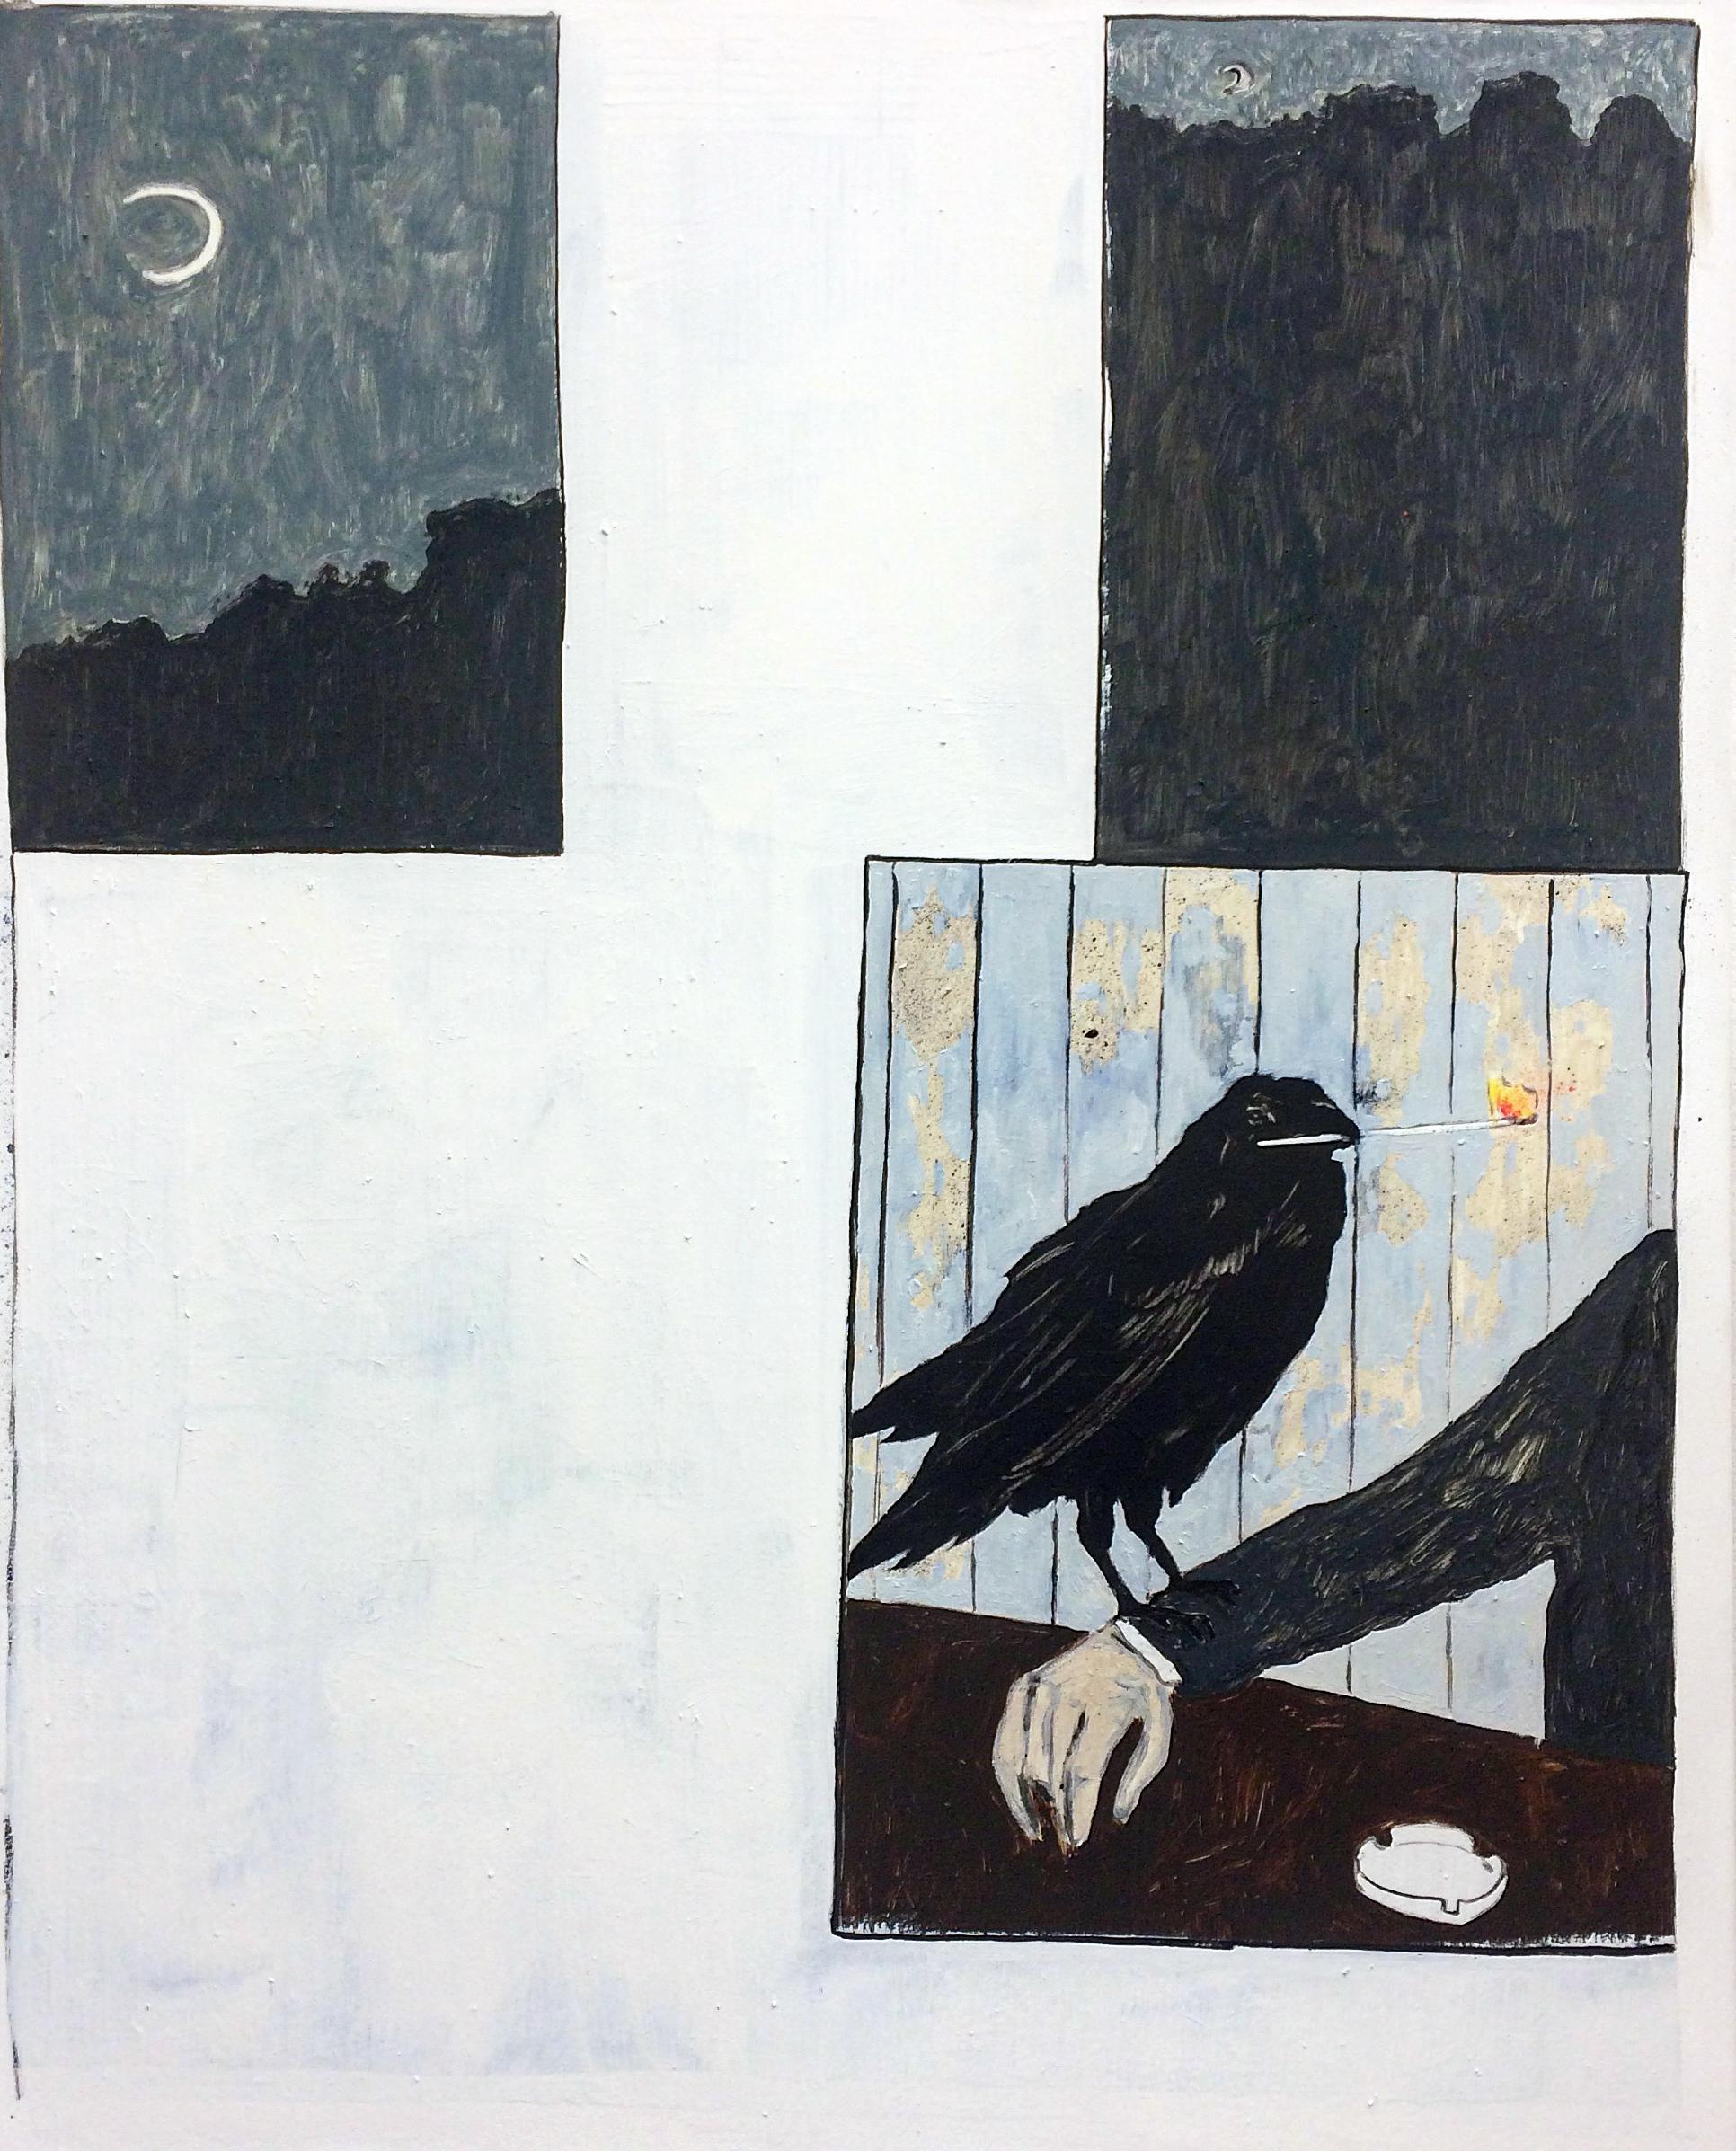 'Raven', Oil on canvas, 150x120cm